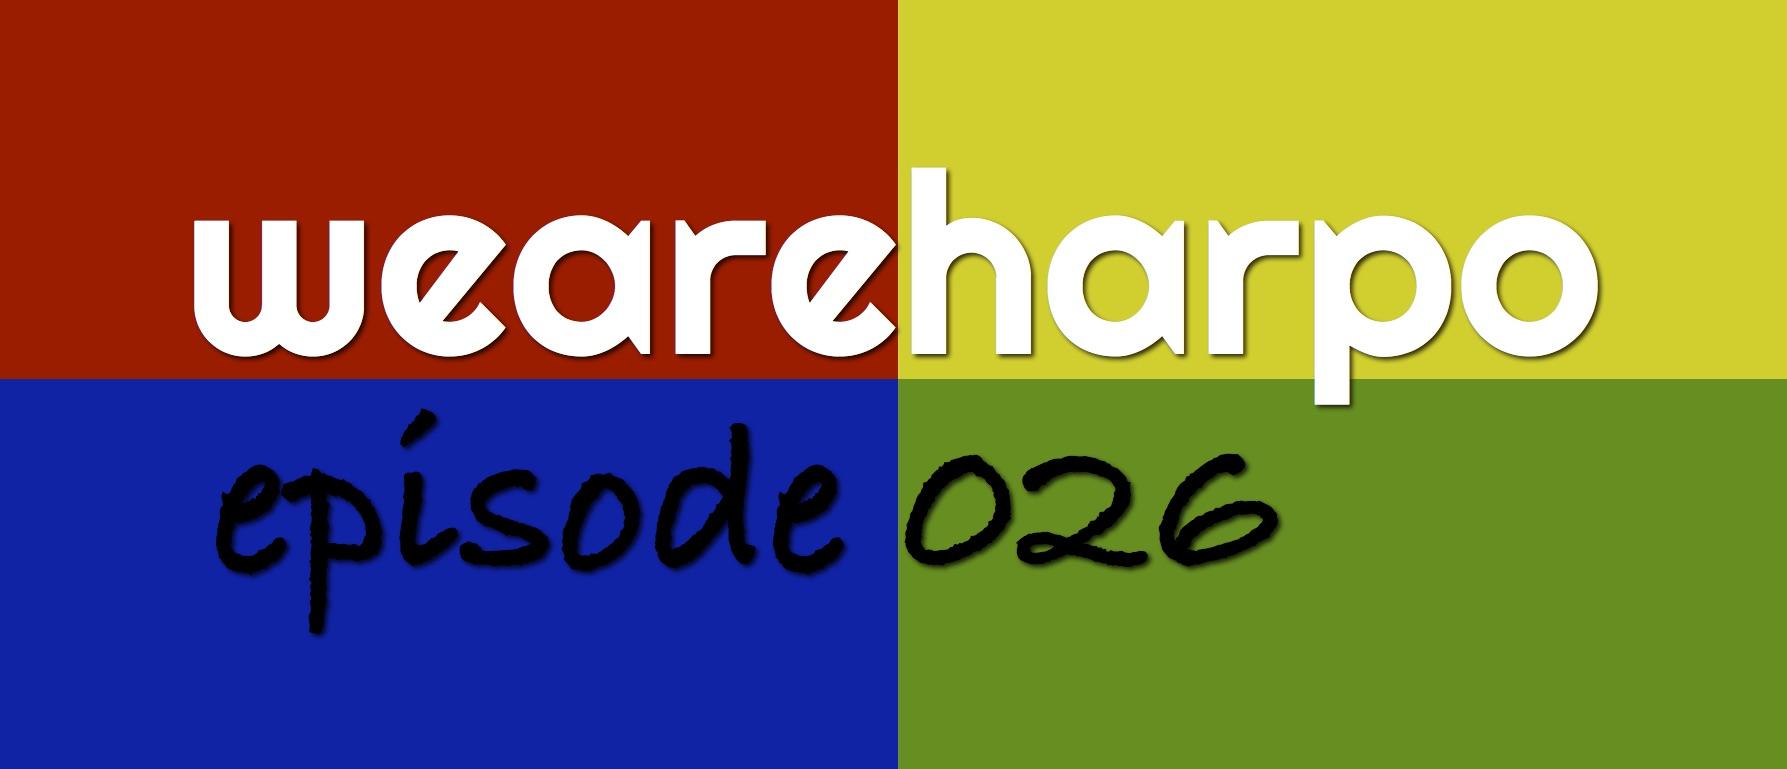 Episode 26 Logo